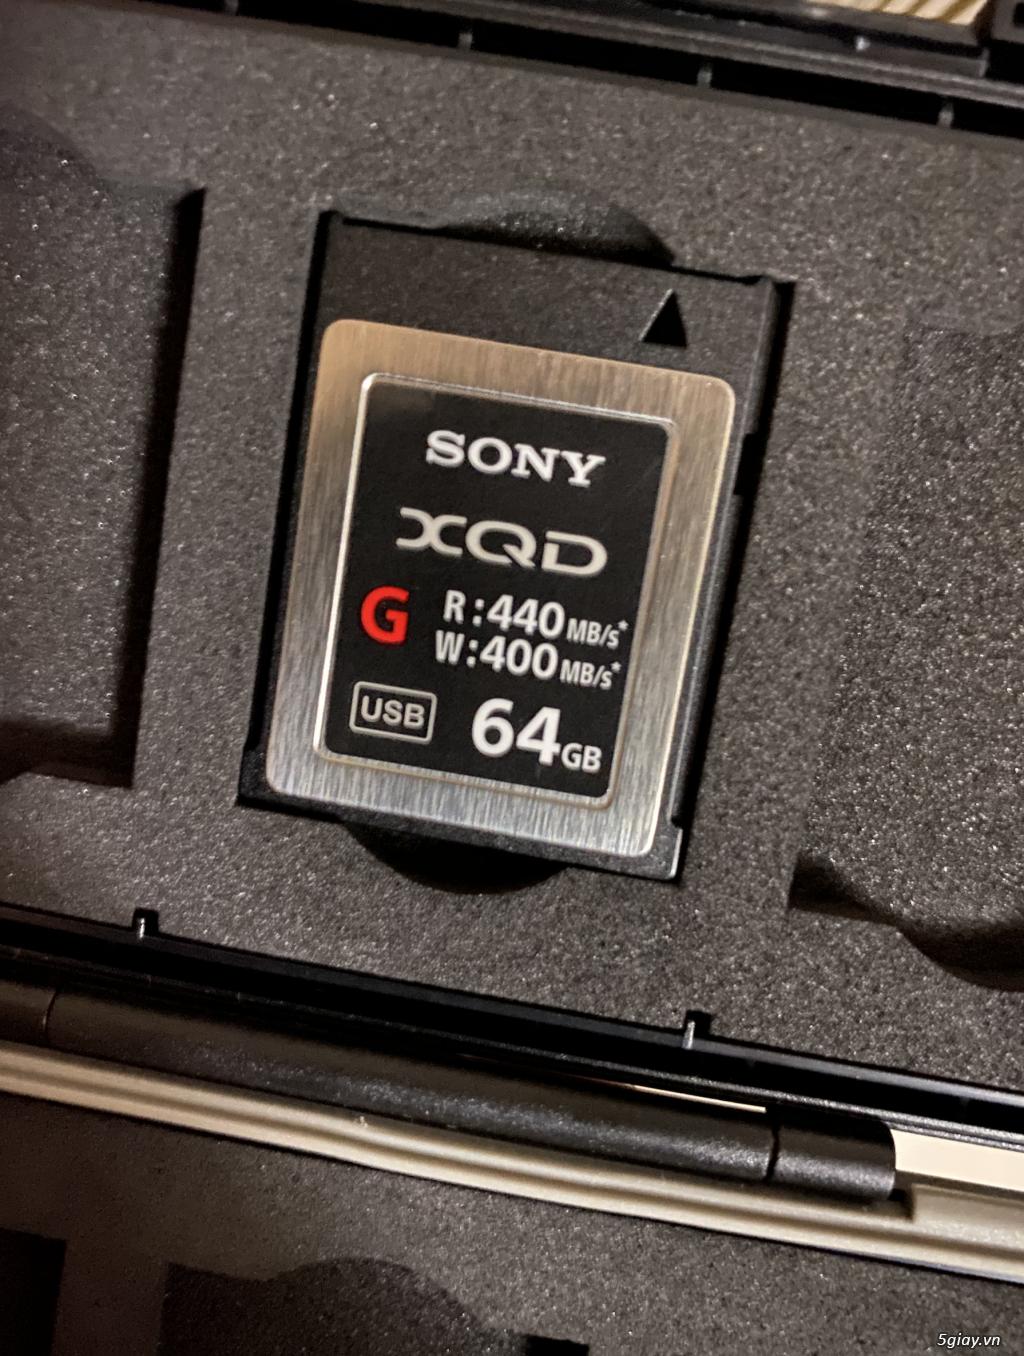 Cần bán thẻ XQD 64GB sony 99% hàng Us mới về